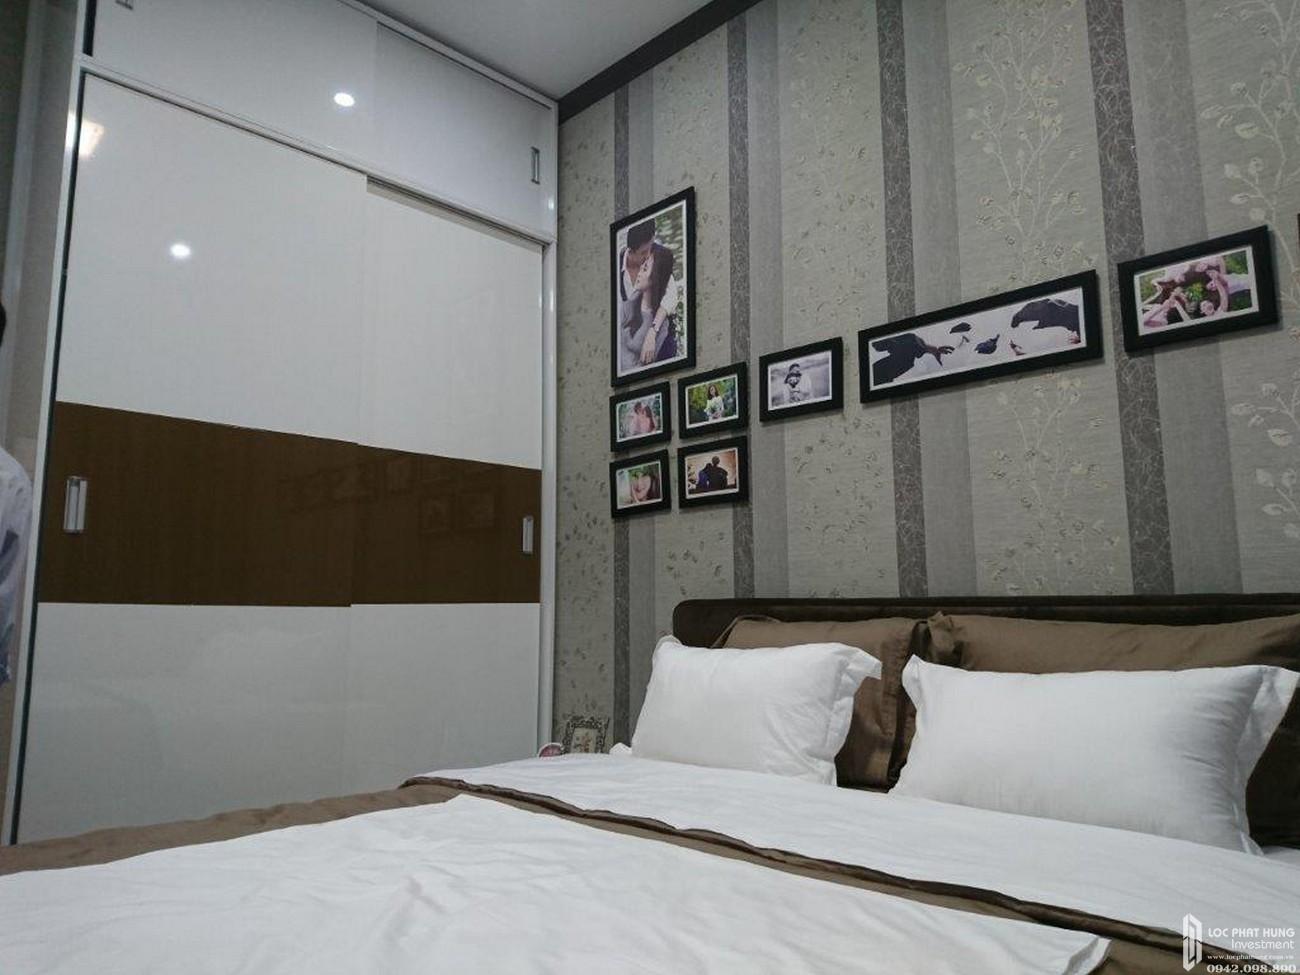 Nhà mẫu dự án Căn Hộ chung cư Đức Long Golden Land Quan 7 Đường Huỳnh Tấn Phát chủ đầu tư Đức Long Gia Lai